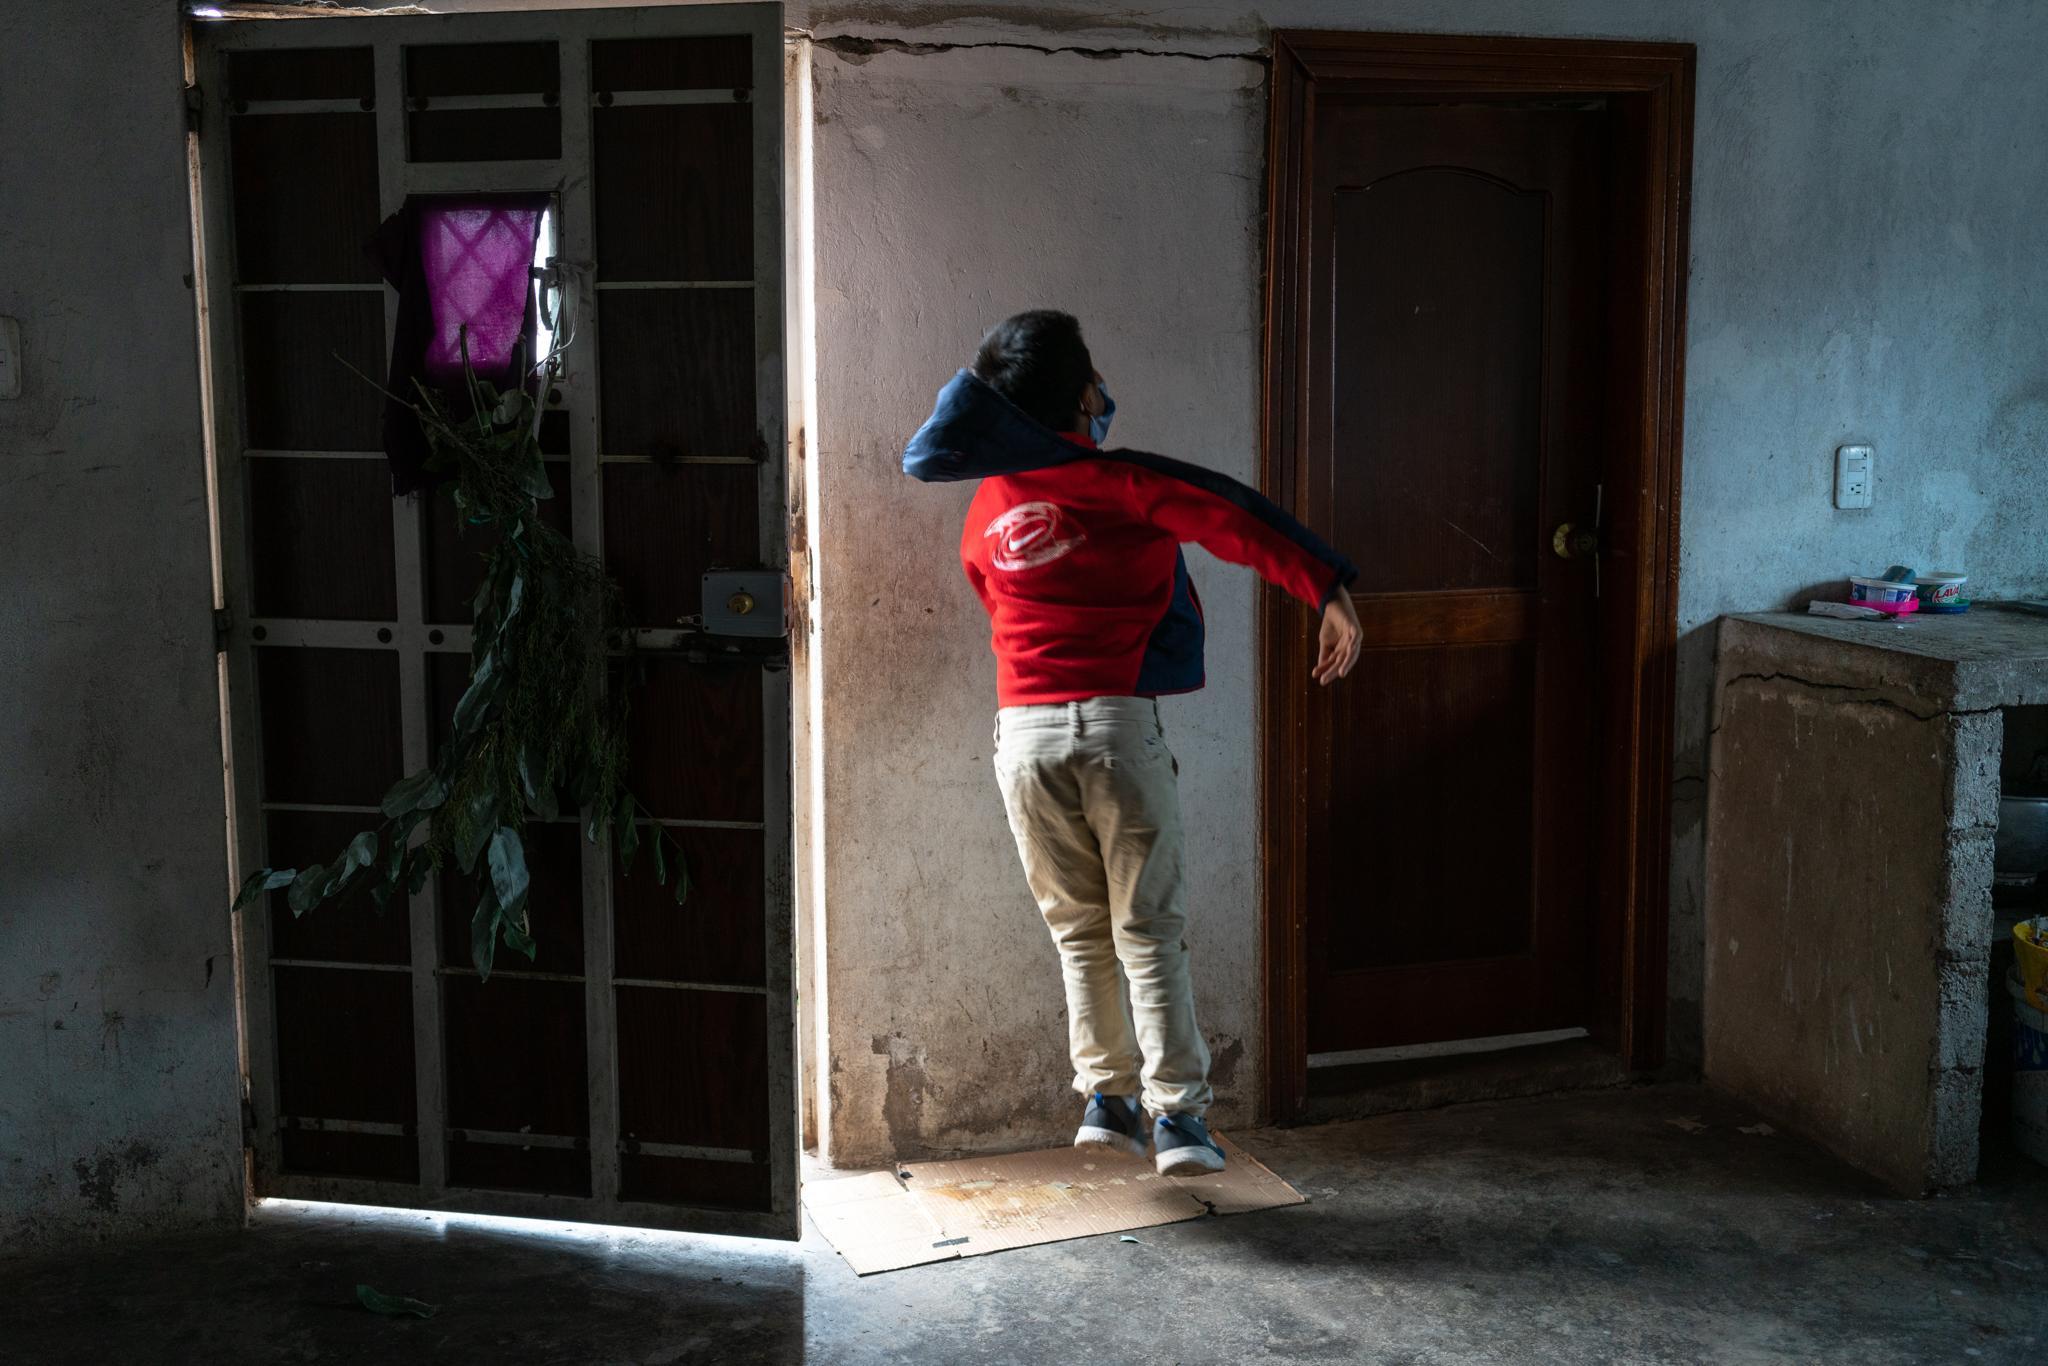 """Maycol Cela (11) plays and jumps before leaving home. Maycol Cela (11) and Verónica Cela (12) are elementary students of the Yachay Wasi Intercultural Bilingual Community School. Located south of Quito, in Ecuador. They live with their older brother Jonathan Cela (14), their mother María Blanca Quishpe (35) and their father Rodrigo Cela (34). At home they do not have an Internet connection and have only a smart phone in which they do not always have data. The school delivers in print form (at the school door) the weekly homework schedule for families who do not have an Internet connection, and teachers follow up through phone calls. They live near their school, in the """"Monjas"""" neighborhood. Her mother works at home and Rodrigo works as a bricklayer. The Covid19 pandemic has affected them tremendously, they have almost no money to buy food. The principals of the Yachay Wasi school invited them to work on the last harvest of their crops so that they can have a small economic income. Photographer: Ana Maria Buitron. Quito, Ecuador. Maycol Cela (11) salta como un juego antes de salir de la casa. Maycol Cela (11) y Verónica Cela (12) son estudiantes de primaria de la Escuela Comunitaria Intercultural Bilingüe Yachay Wasi. Ubicada al sur de Quito, en Ecuador. Viven con a su hermano mayor Jonathan (14), su madre María Blanca Quishpe (35) y su padre Rodrigo Cela (34). En casa no tienen conexión a Internet y tienen solo un celular inteligente en el cual no siempre tiene datos. La escuela entrega de forma impresa (en la puerta de la escuela) la programación semanal de tareas, para las familias que no tienen Internet, y los profesores dan seguimiento a través de llamadas telefónicas. Viven cerca de su escuela, en el barrio """"Monjas"""". Su madre trabaja en las labores del hogar y Rodrigo trabaja como albañil. La pandemia por el Covid19 les ha afectado muchísimo a nivel económico. Casi no tienen dinero para comprar comida. Los directores de la escuela Ya"""